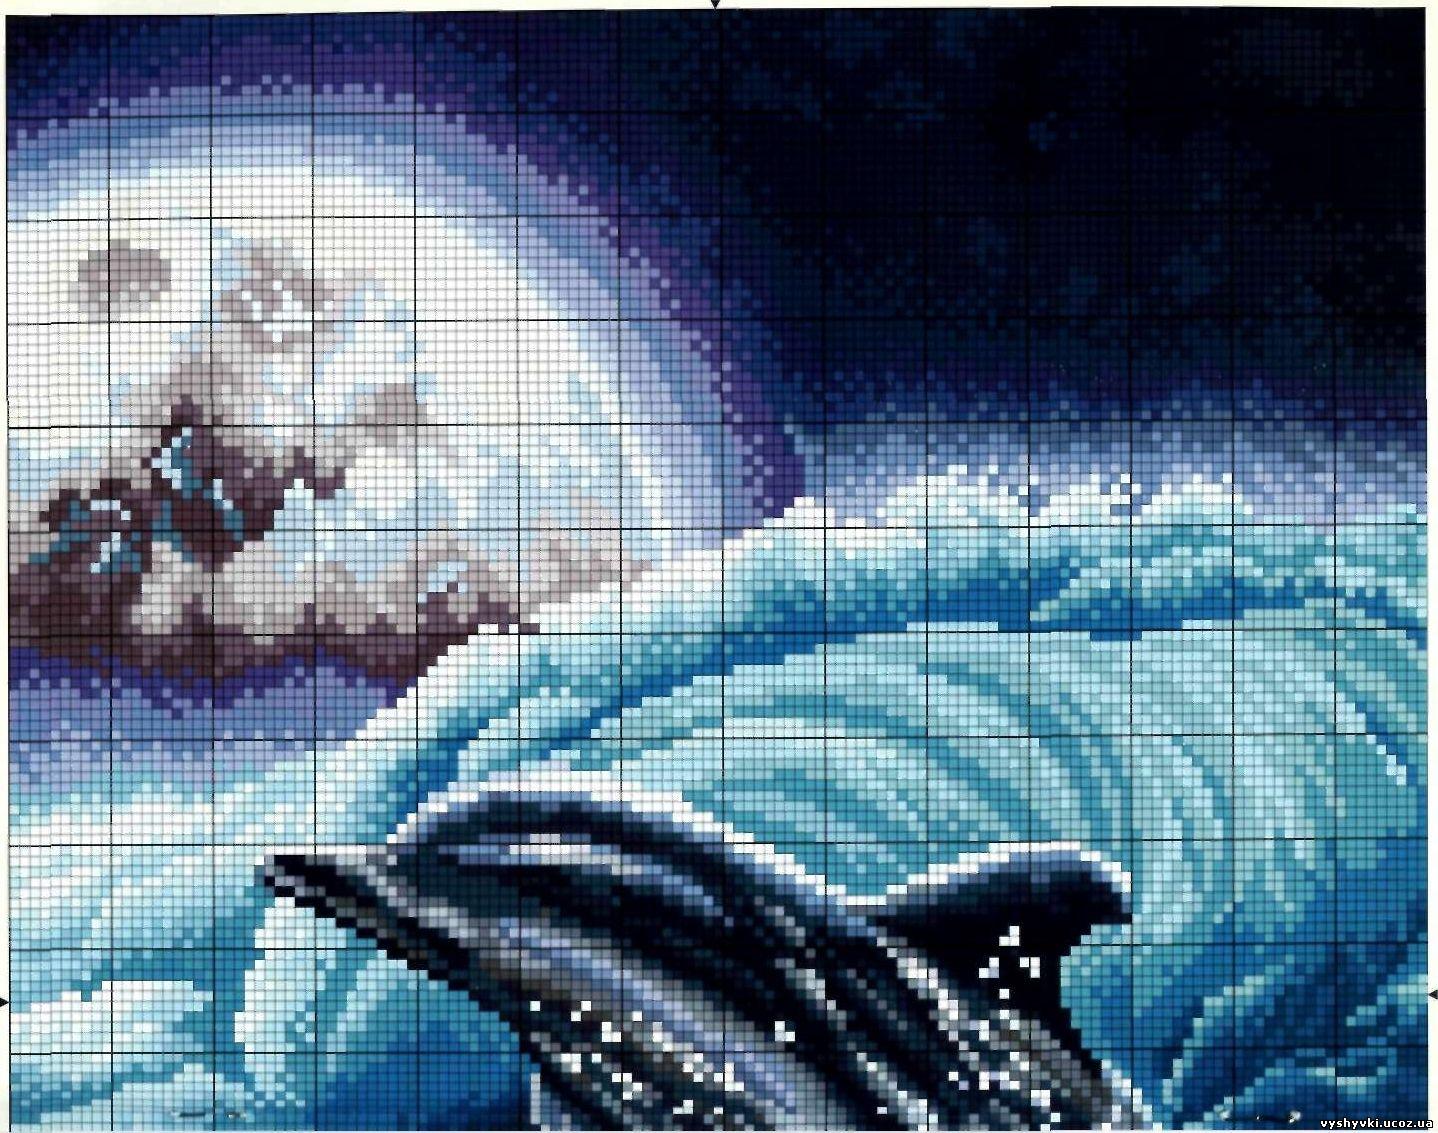 Вышивка крестом дельфинов схемы бесплатно